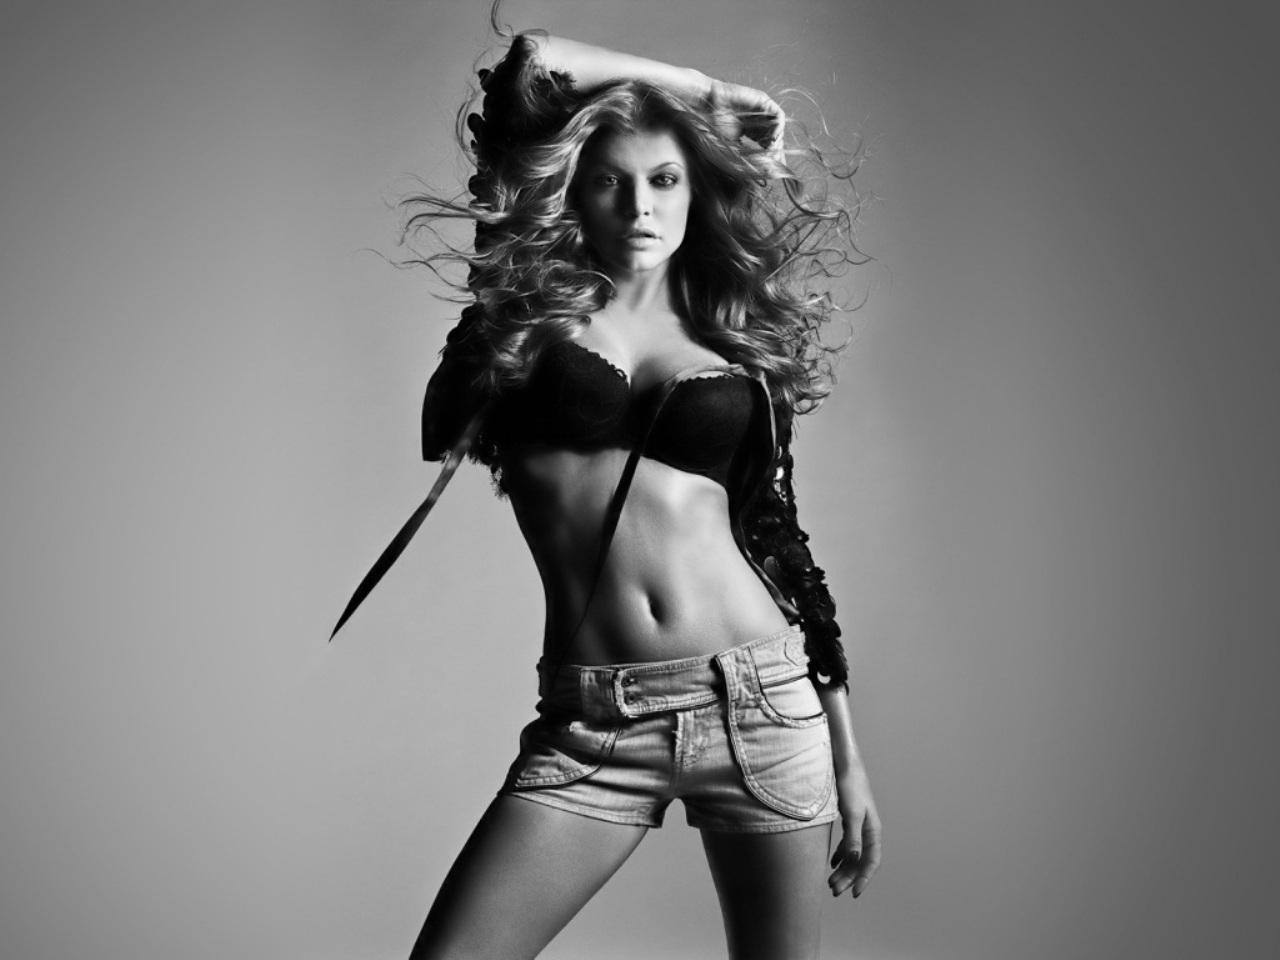 Sexy Pics Of Fergie 90